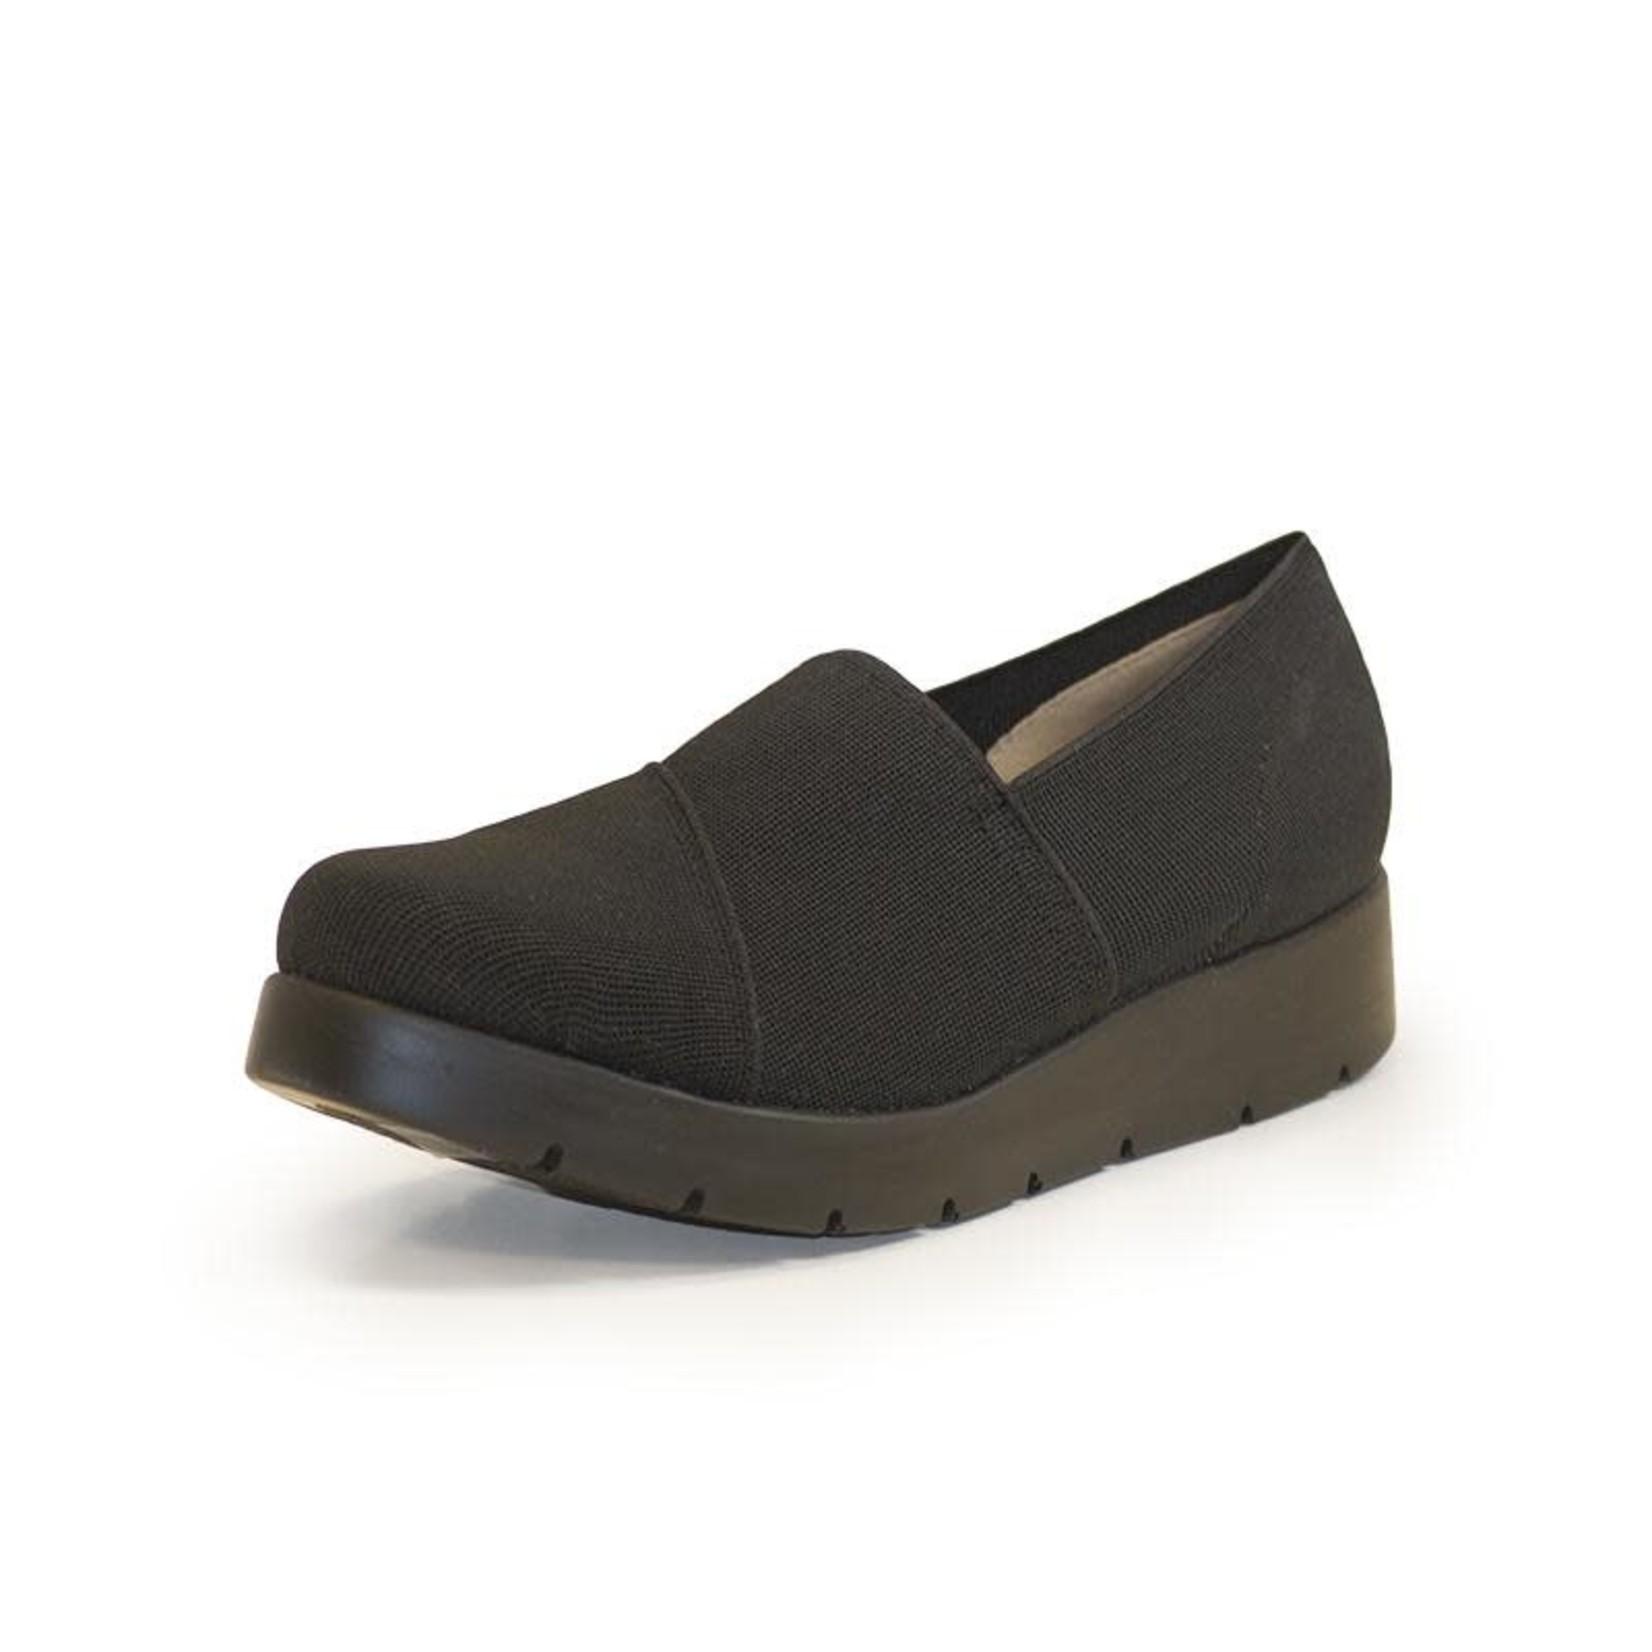 Milly Shoe in Black 10